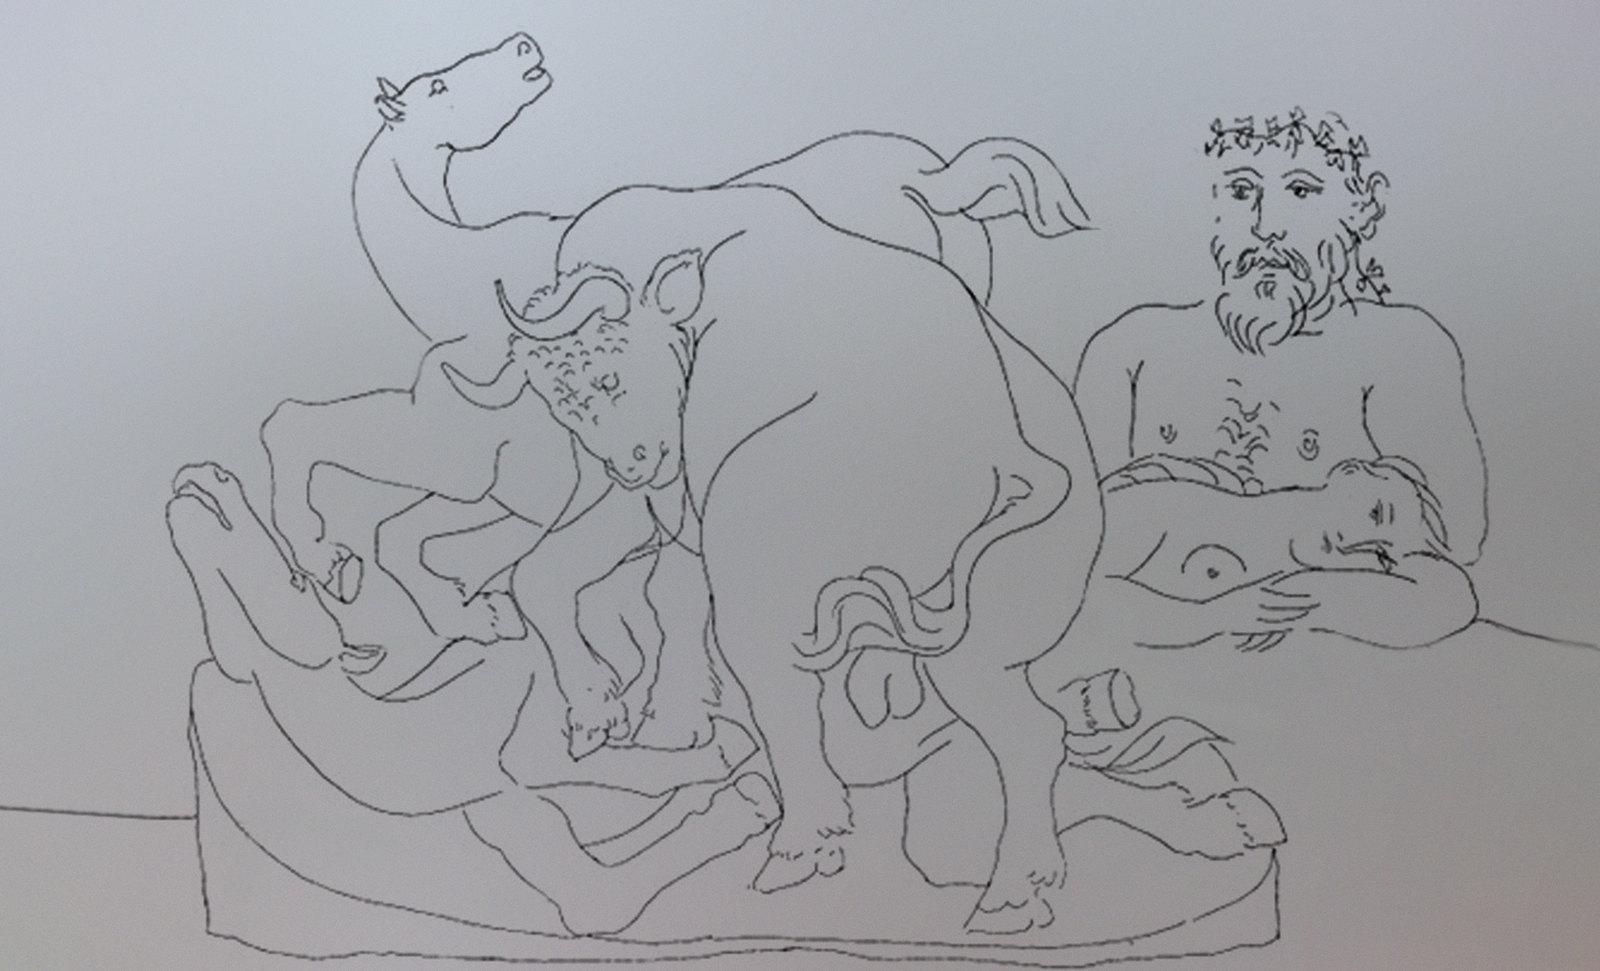 46Pablo Picasso